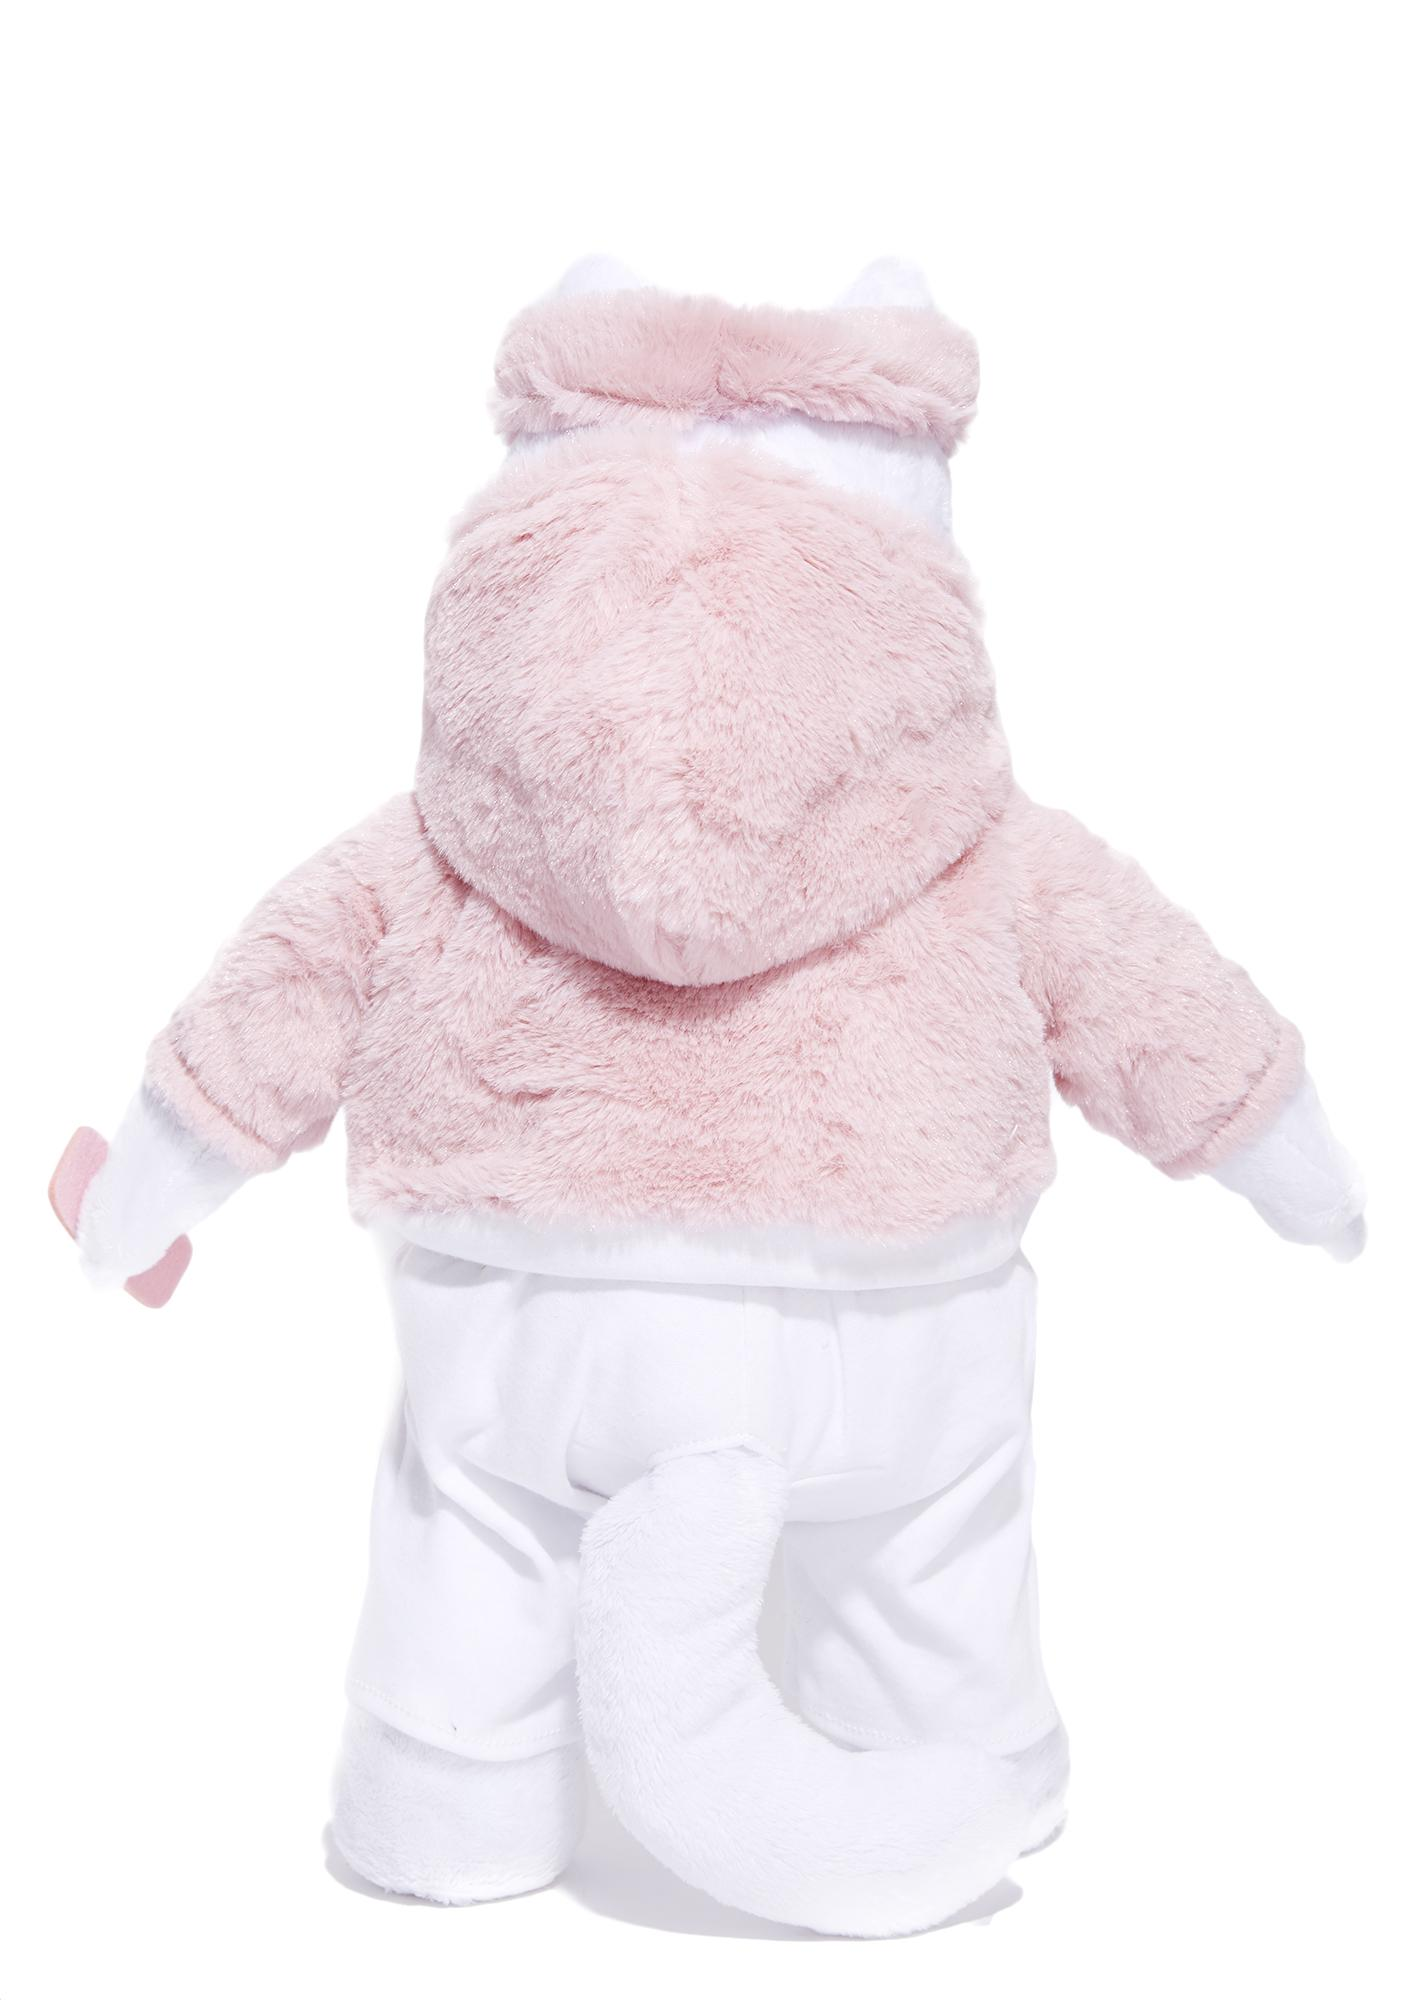 RIPNDIP Killa Nerm Plush Doll